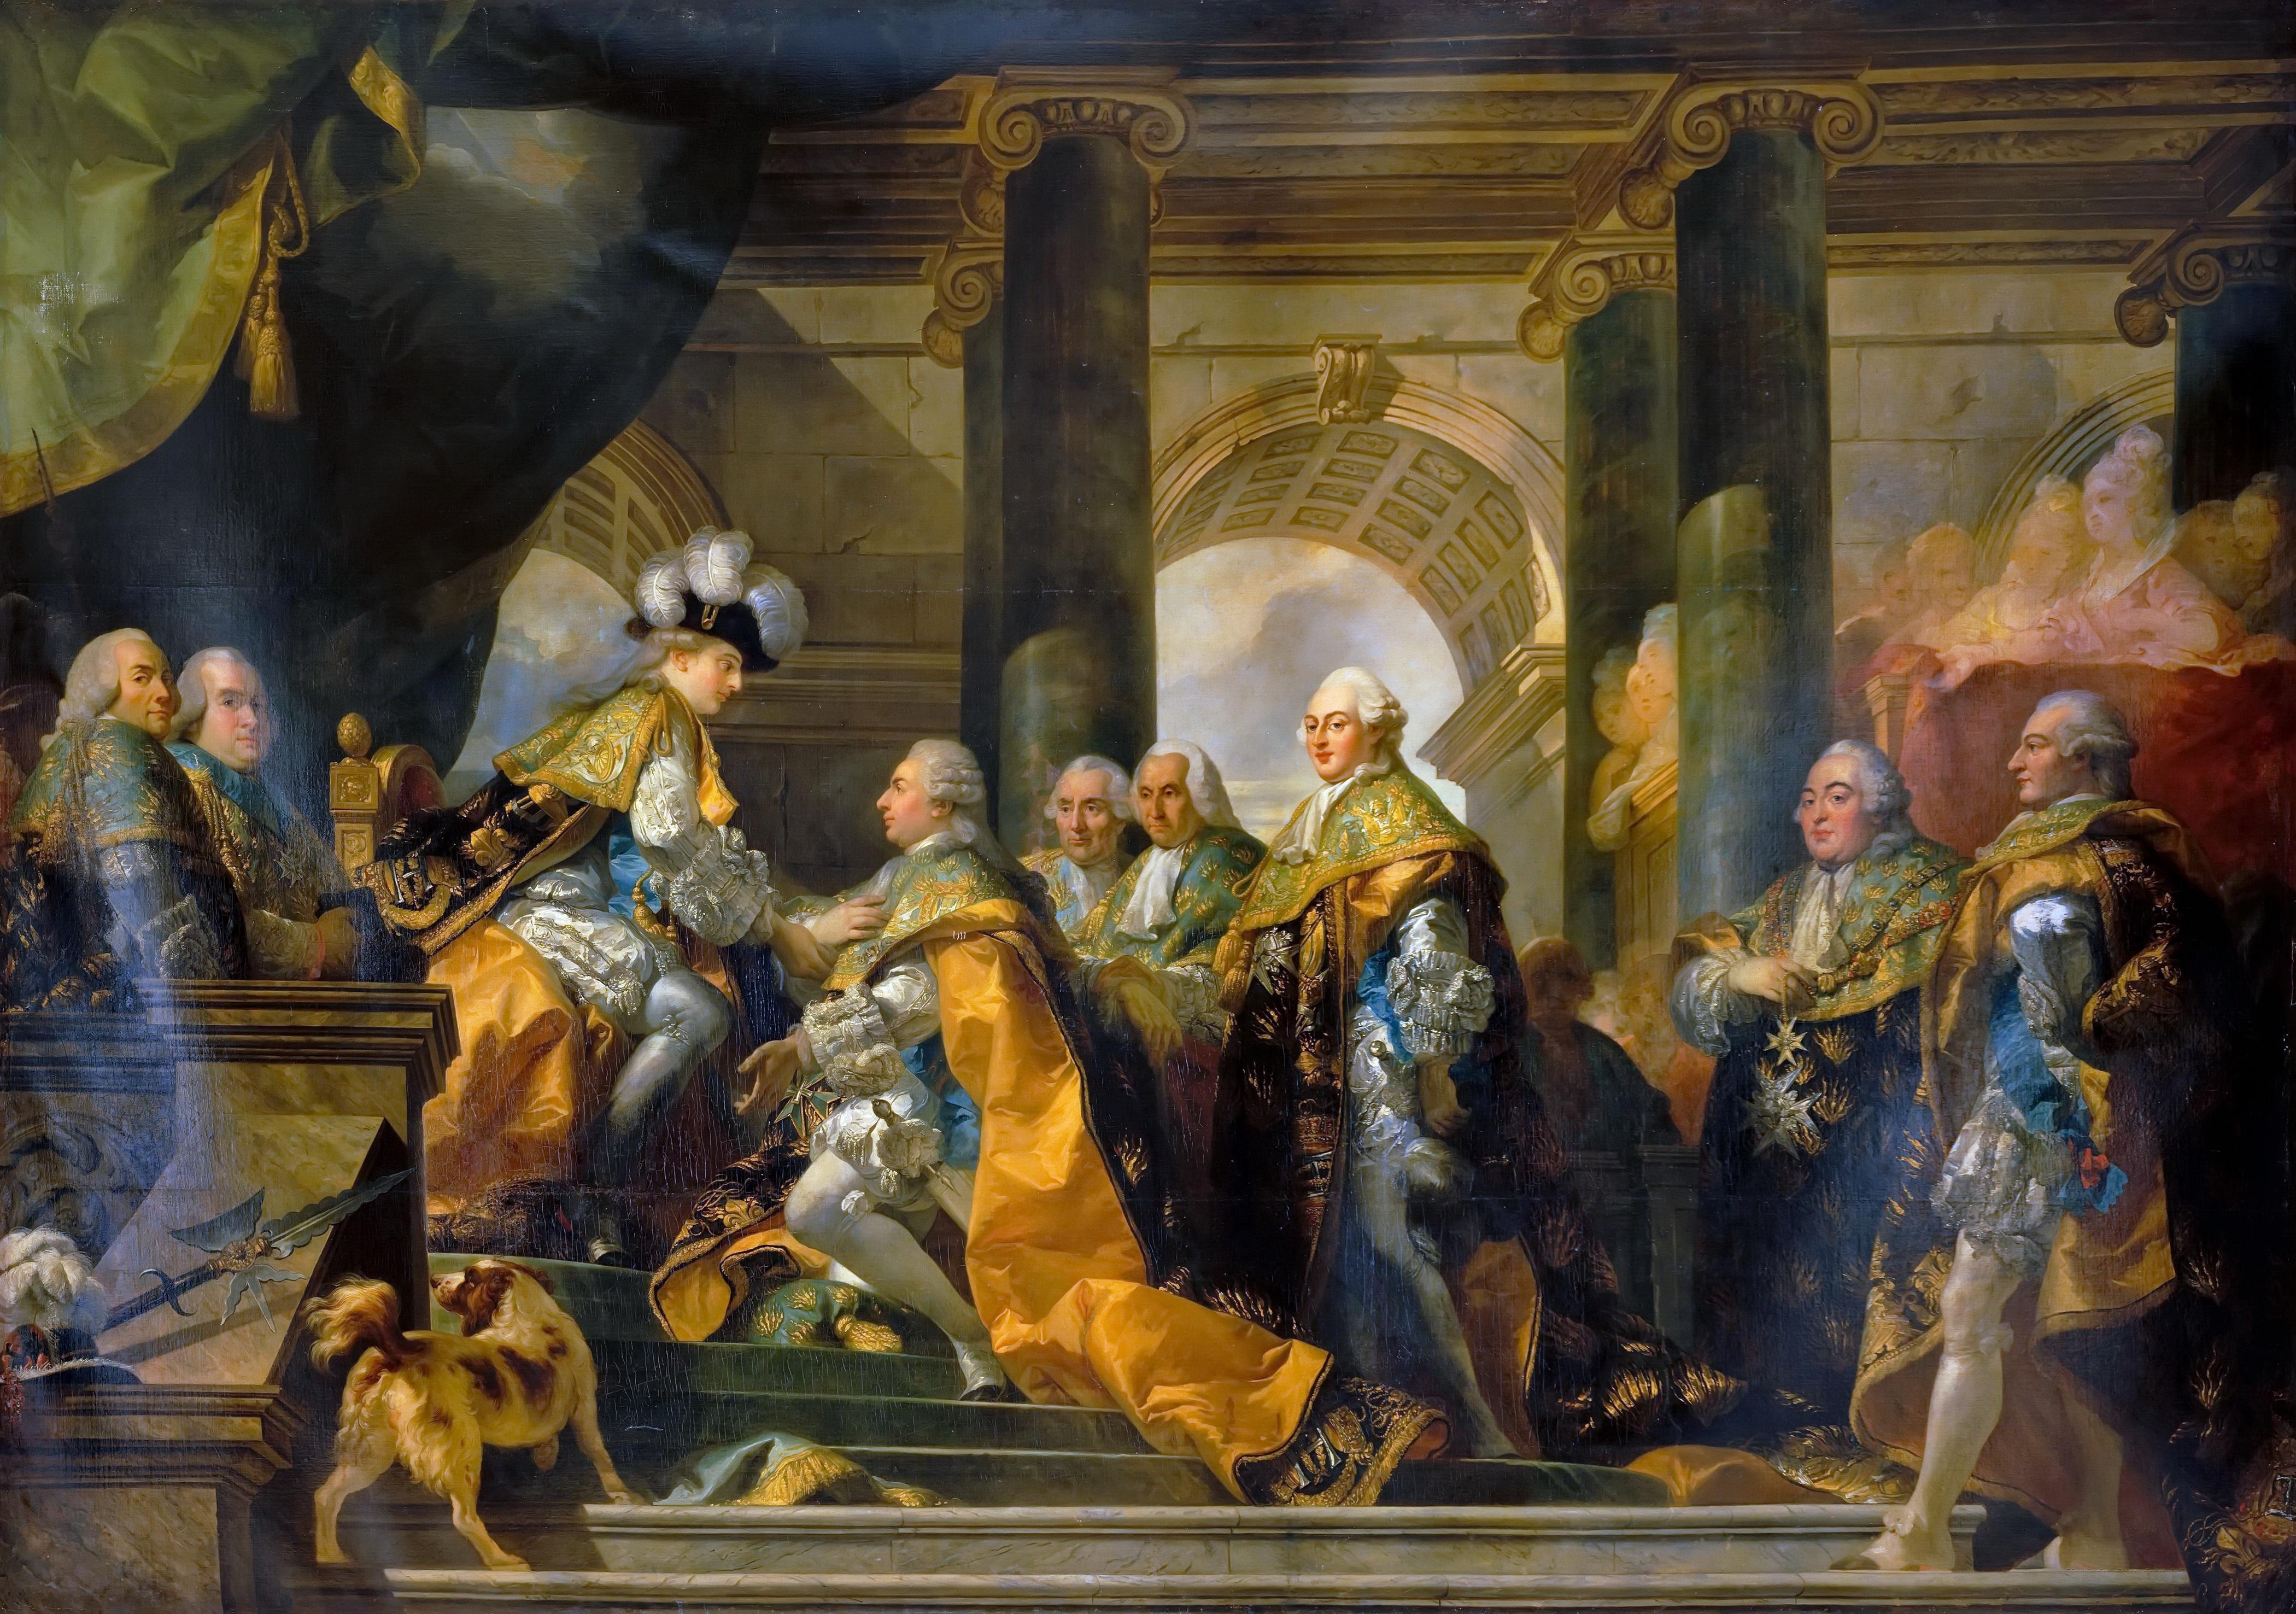 """Résultat de recherche d'images pour """"Louis XVI et les chevaliers de l'ordre du Saint-Esprit parGabriel-François Doyen"""""""